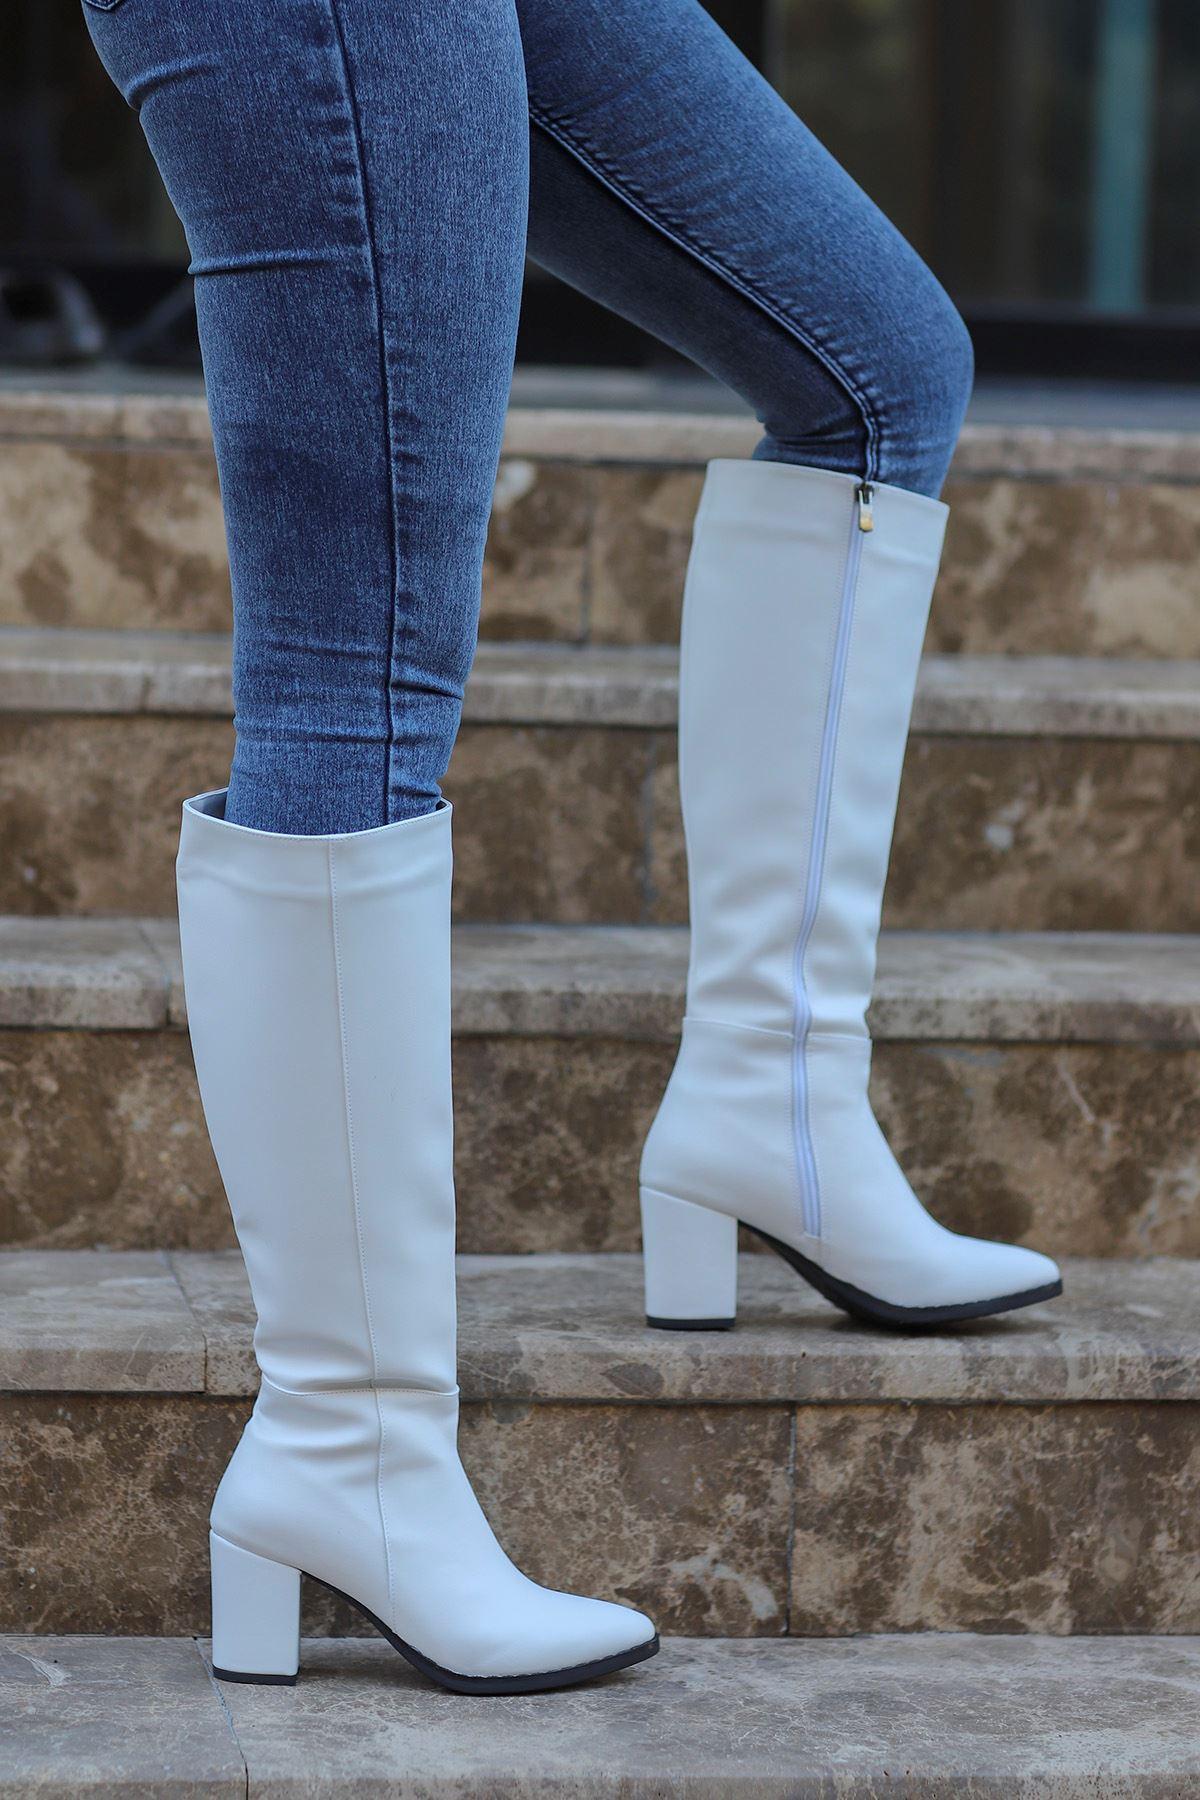 mami-5110 Diz Altı Çizme Beyaz Deri